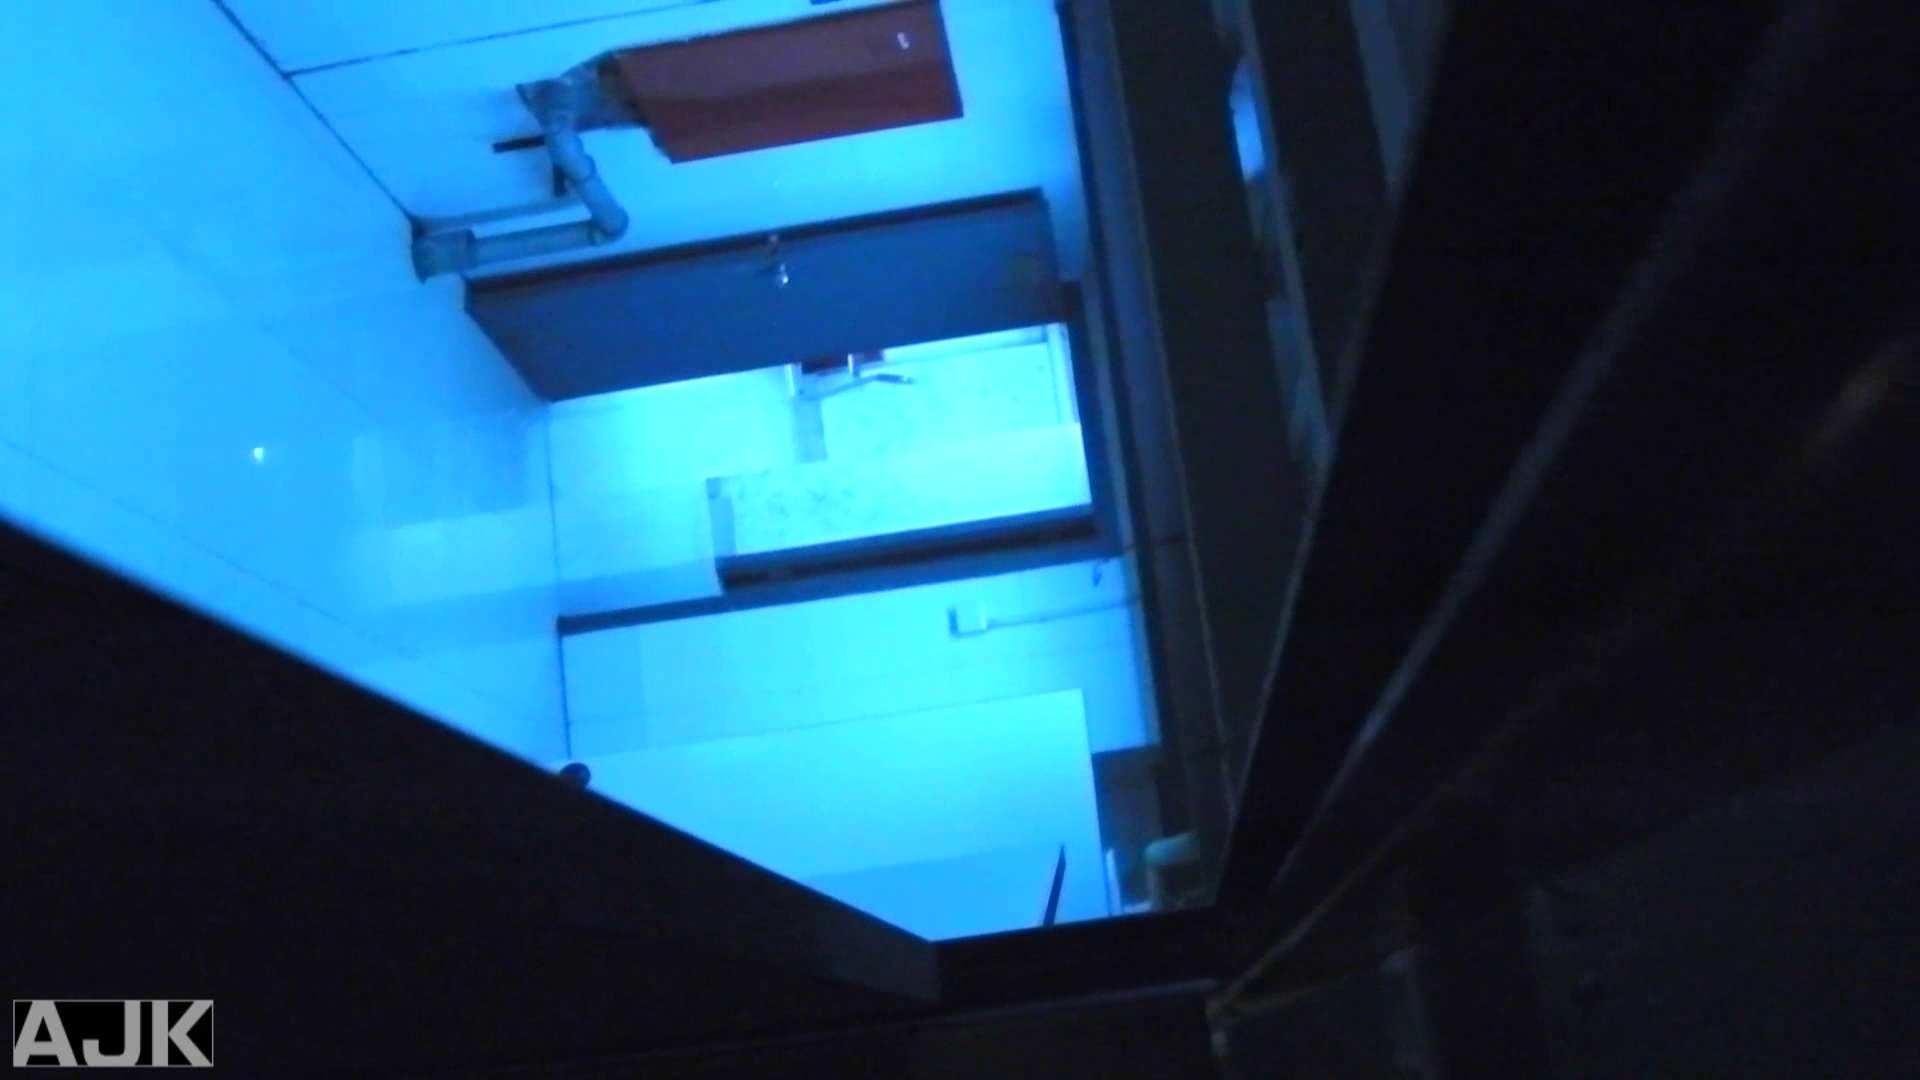 隣国上階級エリアの令嬢たちが集うデパートお手洗い Vol.15 女子トイレの中 オメコ無修正動画無料 106画像 53